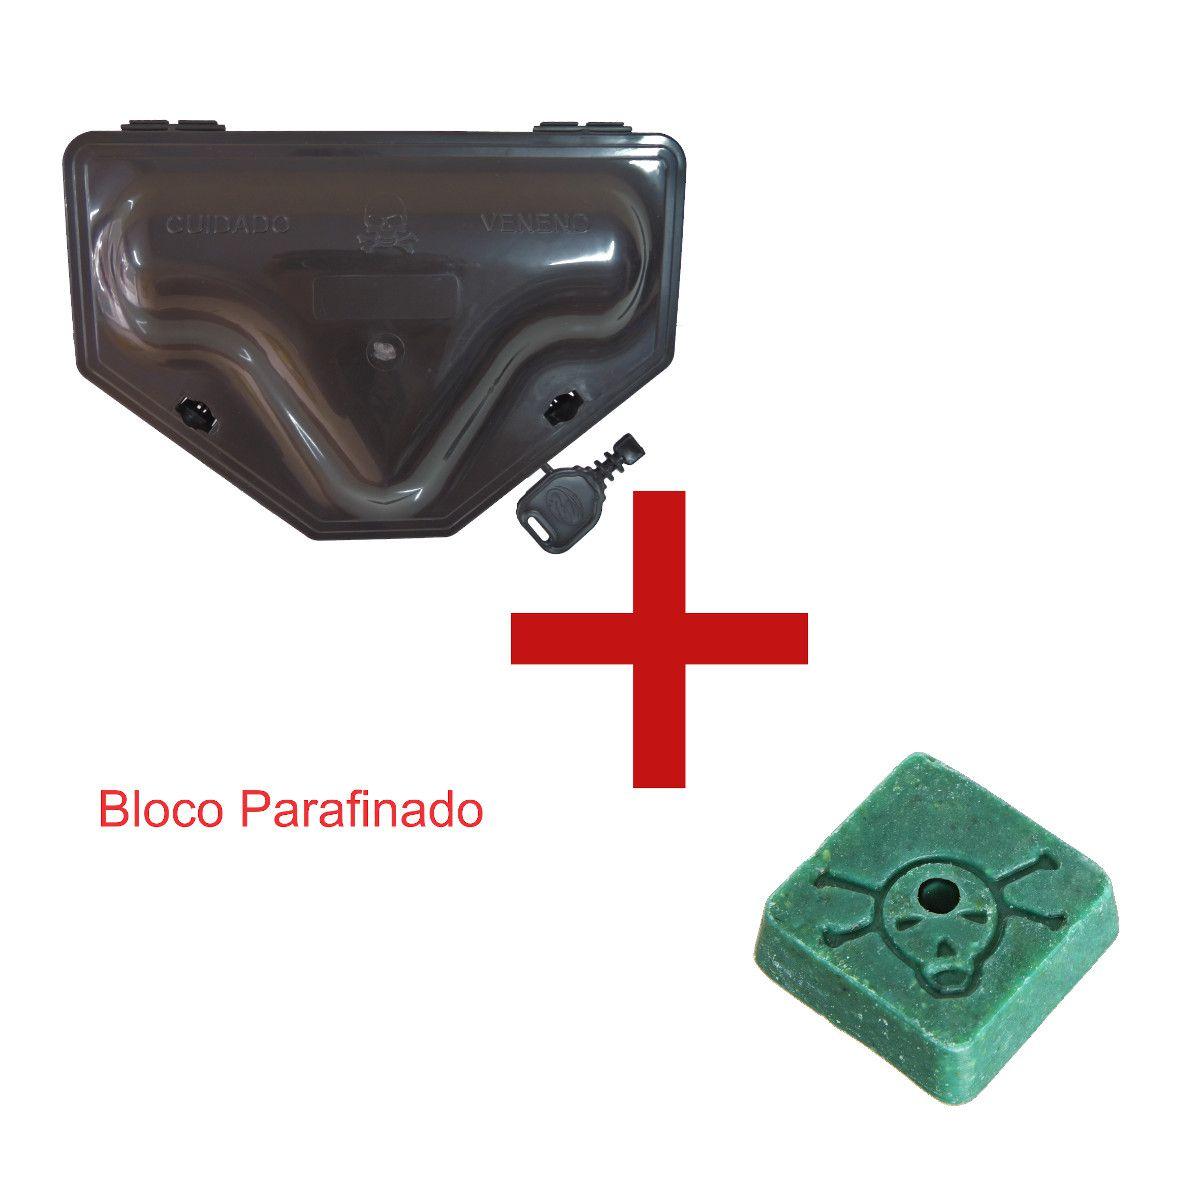 21 Porta Iscas C/ Duplo Travamento + 21 Bloco Parafinado